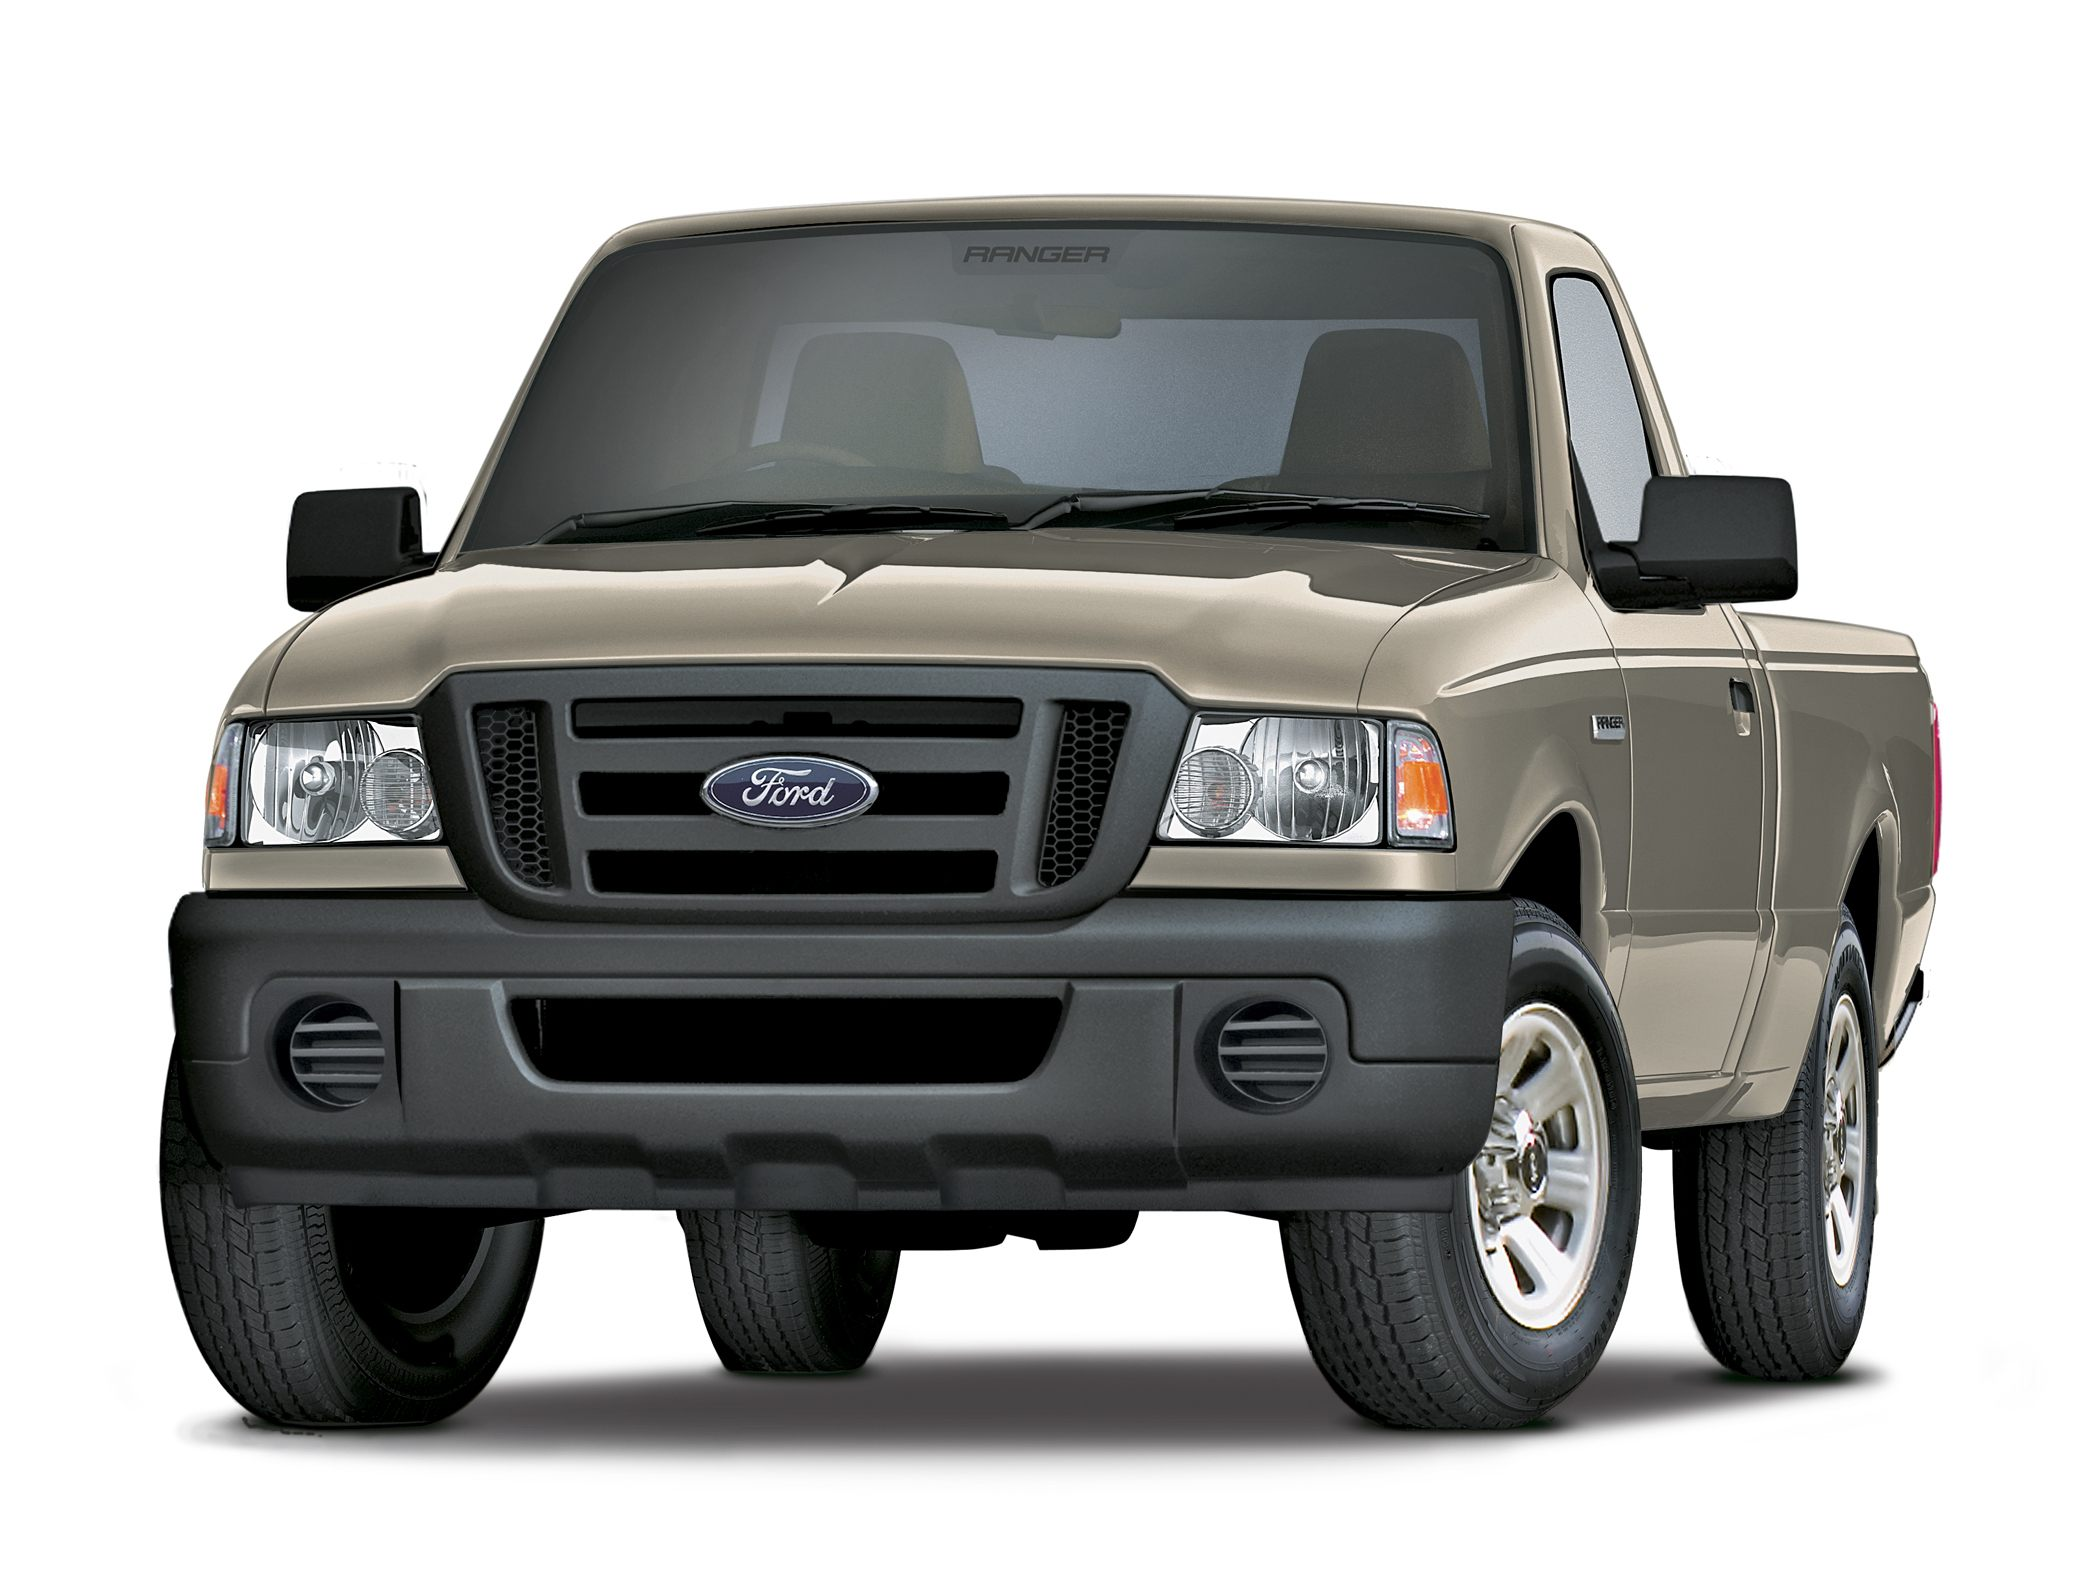 2011 ford ranger image 12